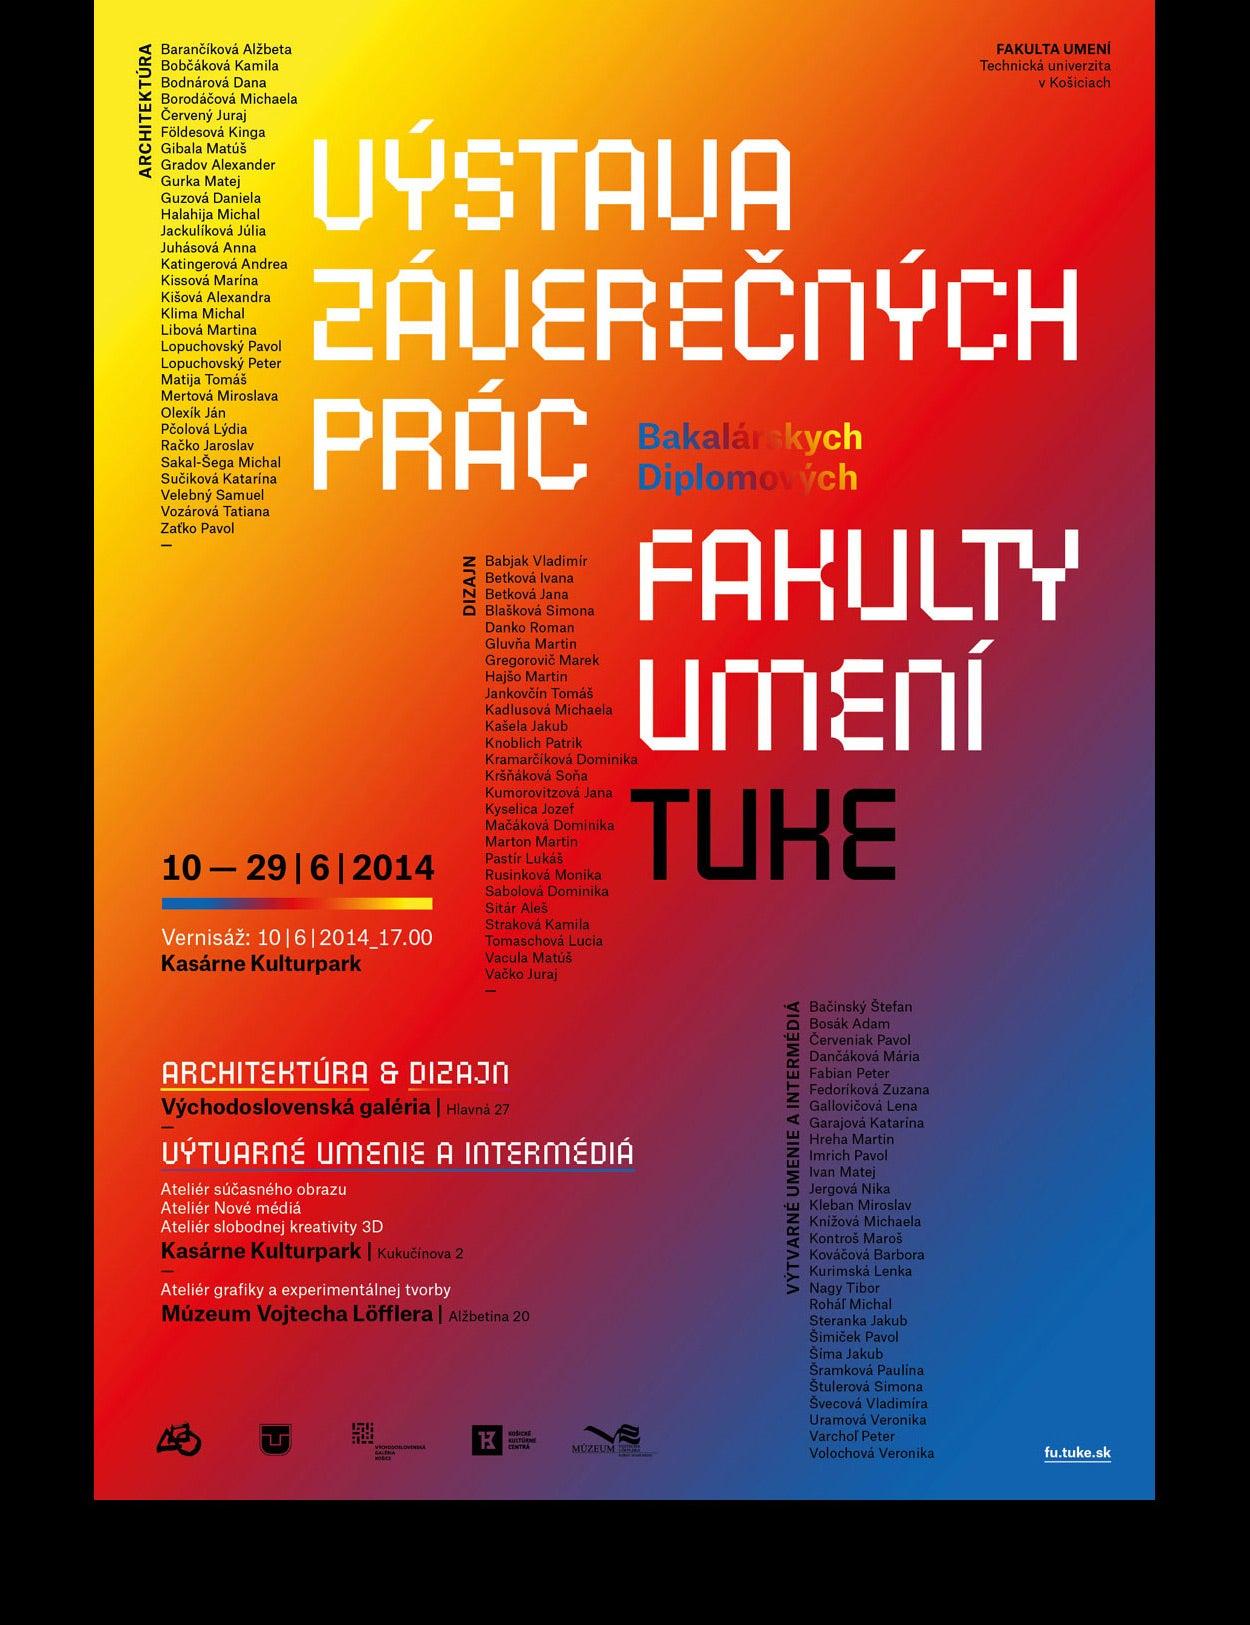 FU_Poster_07.jpg